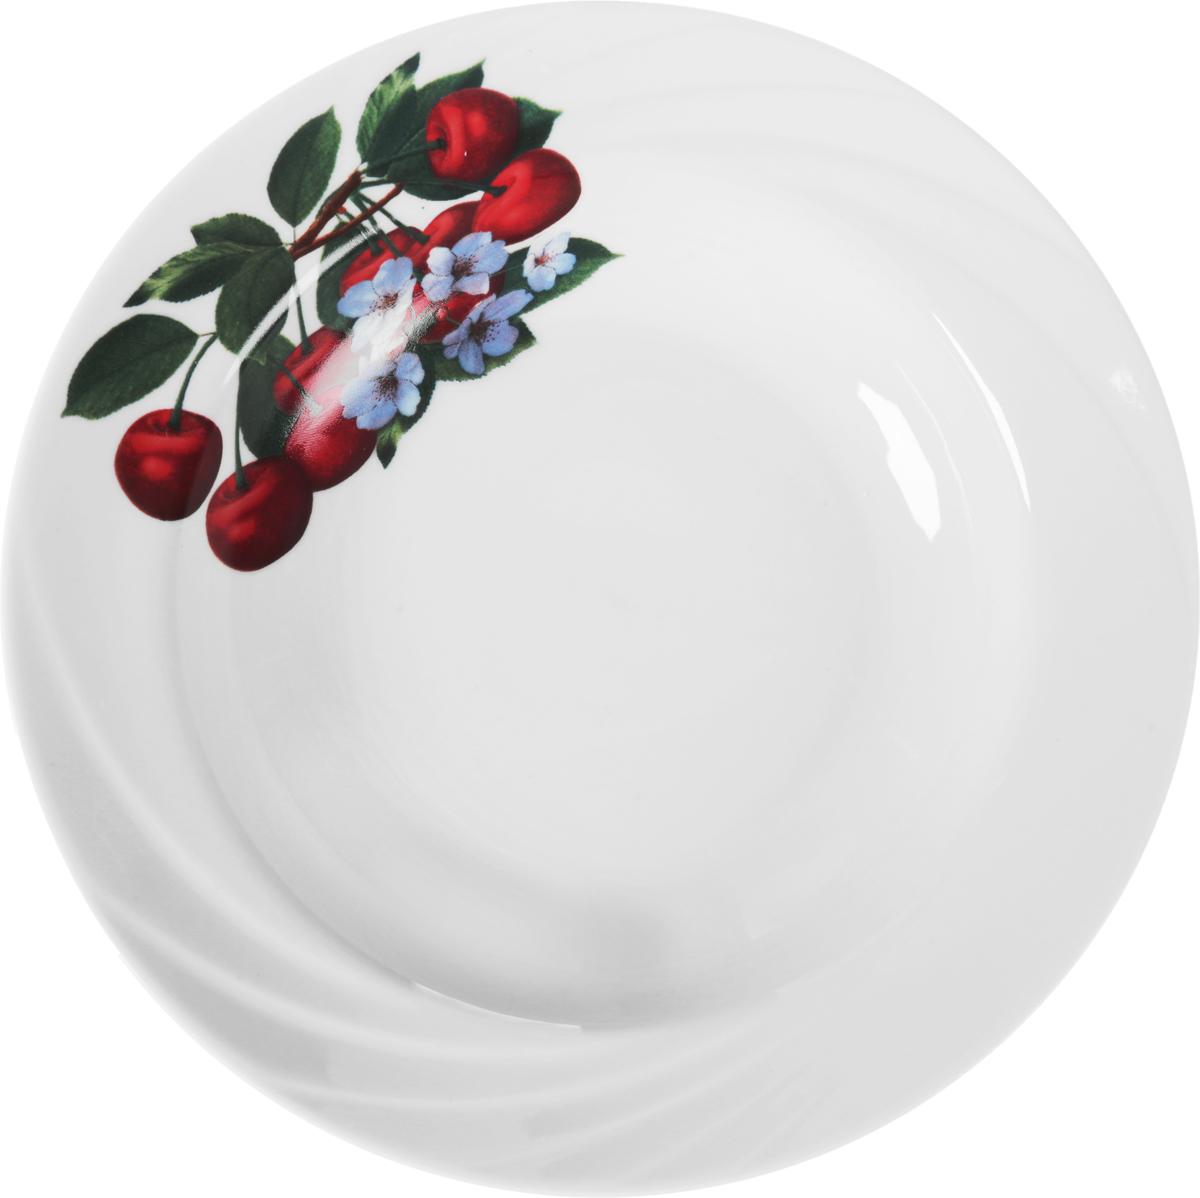 Тарелка глубокая Голубка. Ассорти, диаметр 20 см115510Глубокая тарелка Голубка. Ассорти, выполненная из высококачественного фарфора, идеальна для сервировки стола первыми блюдами. К тому же, такая тарелка великолепна в качестве емкости при приготовлении - ее можно использовать для ингредиентов салатов, закусок и других блюд. Она прекрасно впишется в интерьер вашей кухни и станет достойным дополнением к кухонному инвентарю.